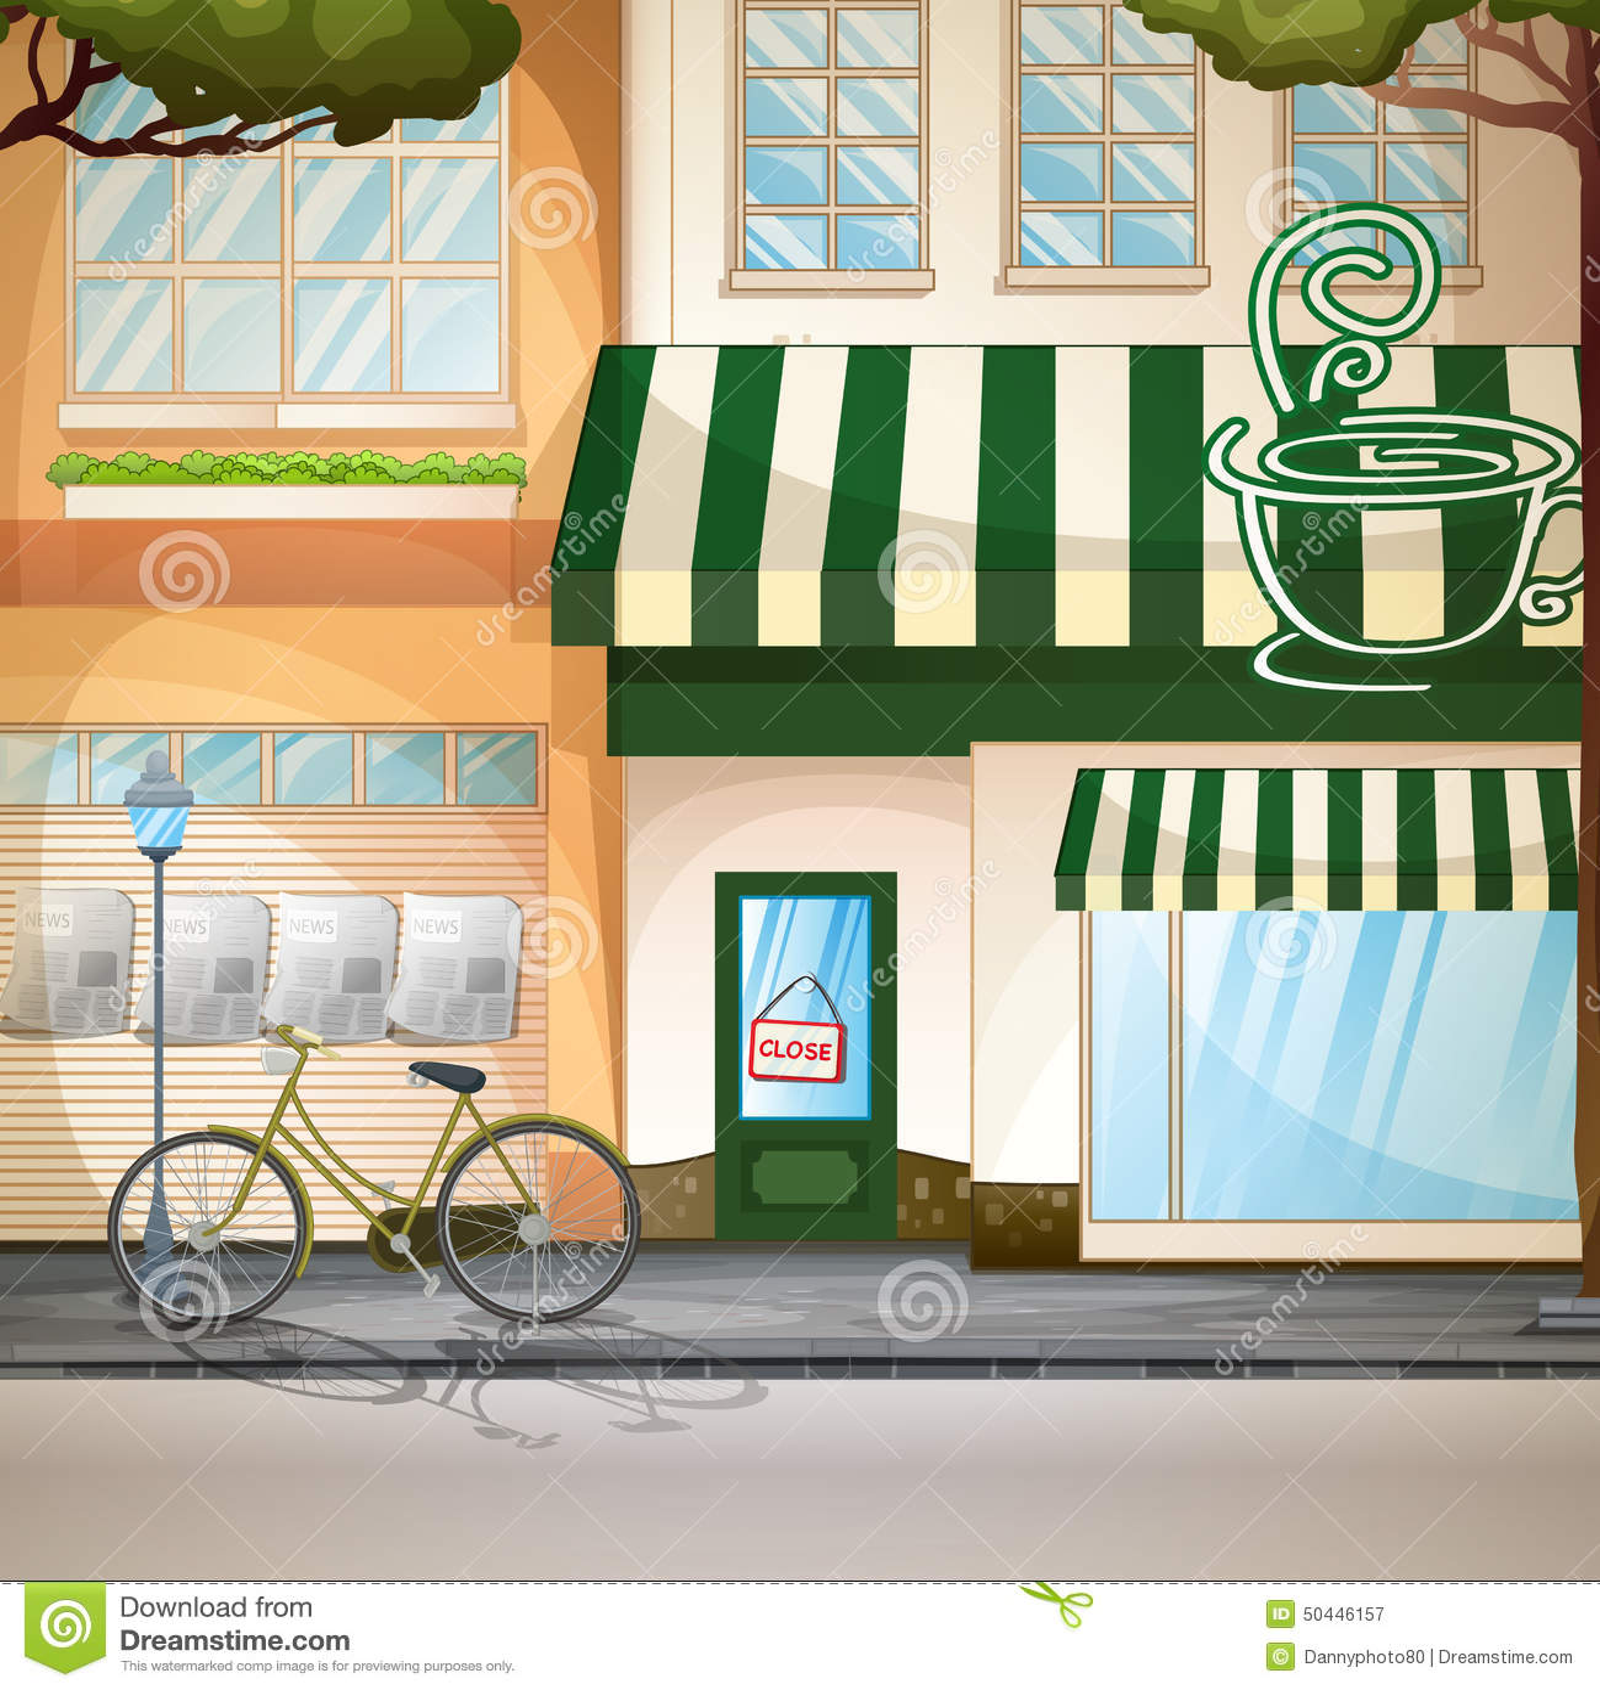 Scenery Sidewalk Cafe. Stock Image